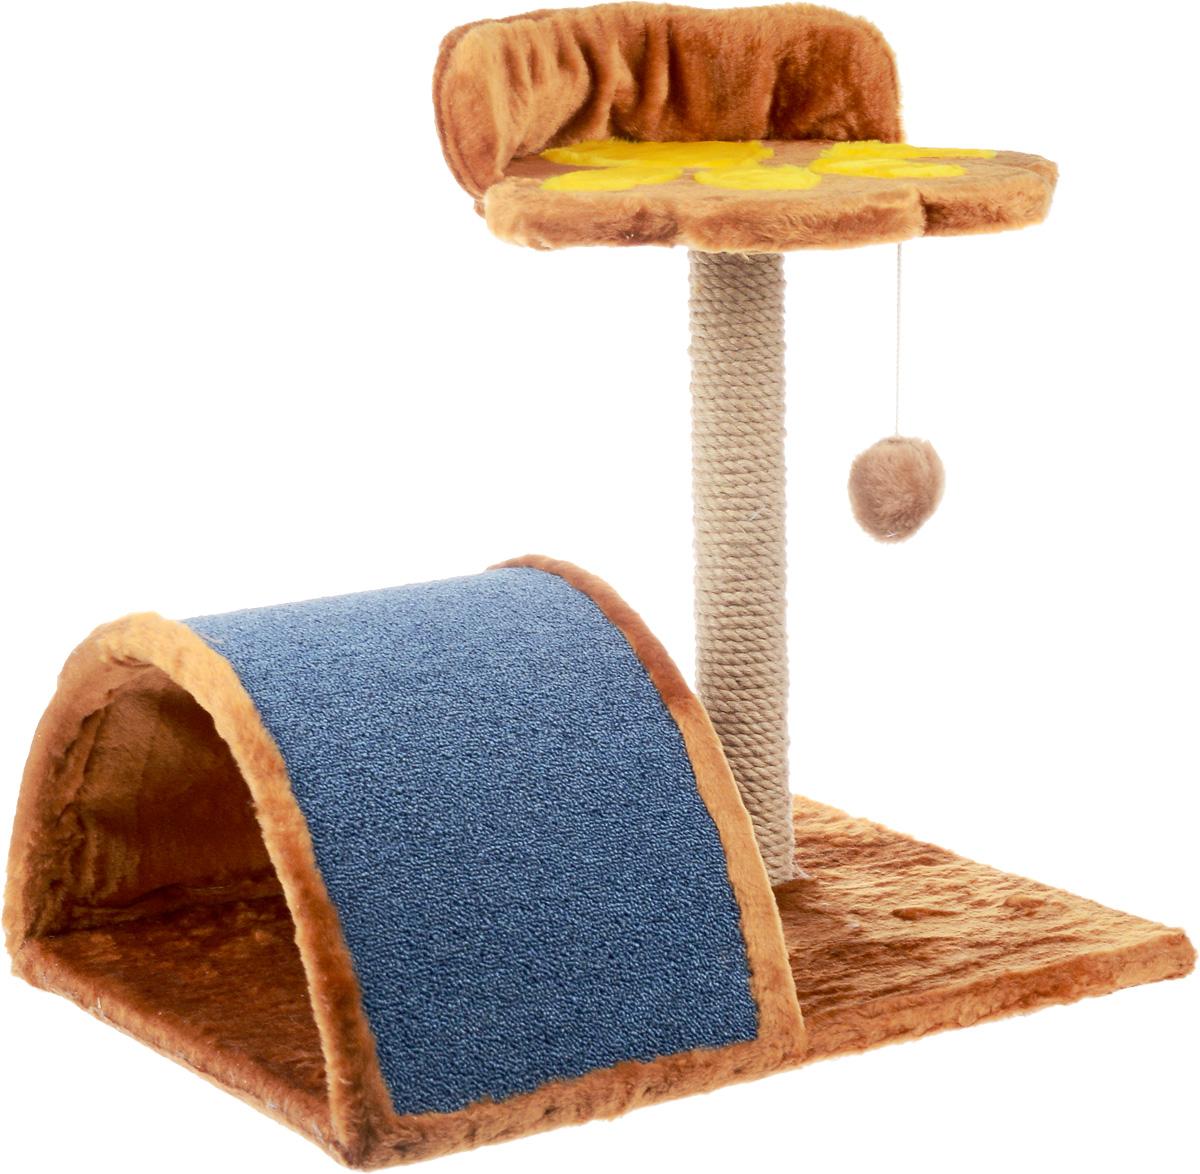 Когтеточка ЗооМарк Лапка, 63 х 47 х 52 см127Когтеточка ЗооМарк Лапка выполнена из дерева, обтянута искусственным мехом и предназначена для активных кошек. Когтеточка выполнена в виде столбика с оригинальной полкой и мостика. Столбик обтянут джутом, а мостик ковролином. Изделие поможет приучить кошку точить коготки в строго определенном месте. Целый дом будет в распоряжении у вашей кошки. Разные уровни высоты, когтеточка, место для отдыха в игровом комплексе позволят кошке резвится и точить коготки, а игрушка, прикрепленная к столбику, развлечет кошку.Размер основания: 63 х 47 см.Высота когтеточки: 52 см.